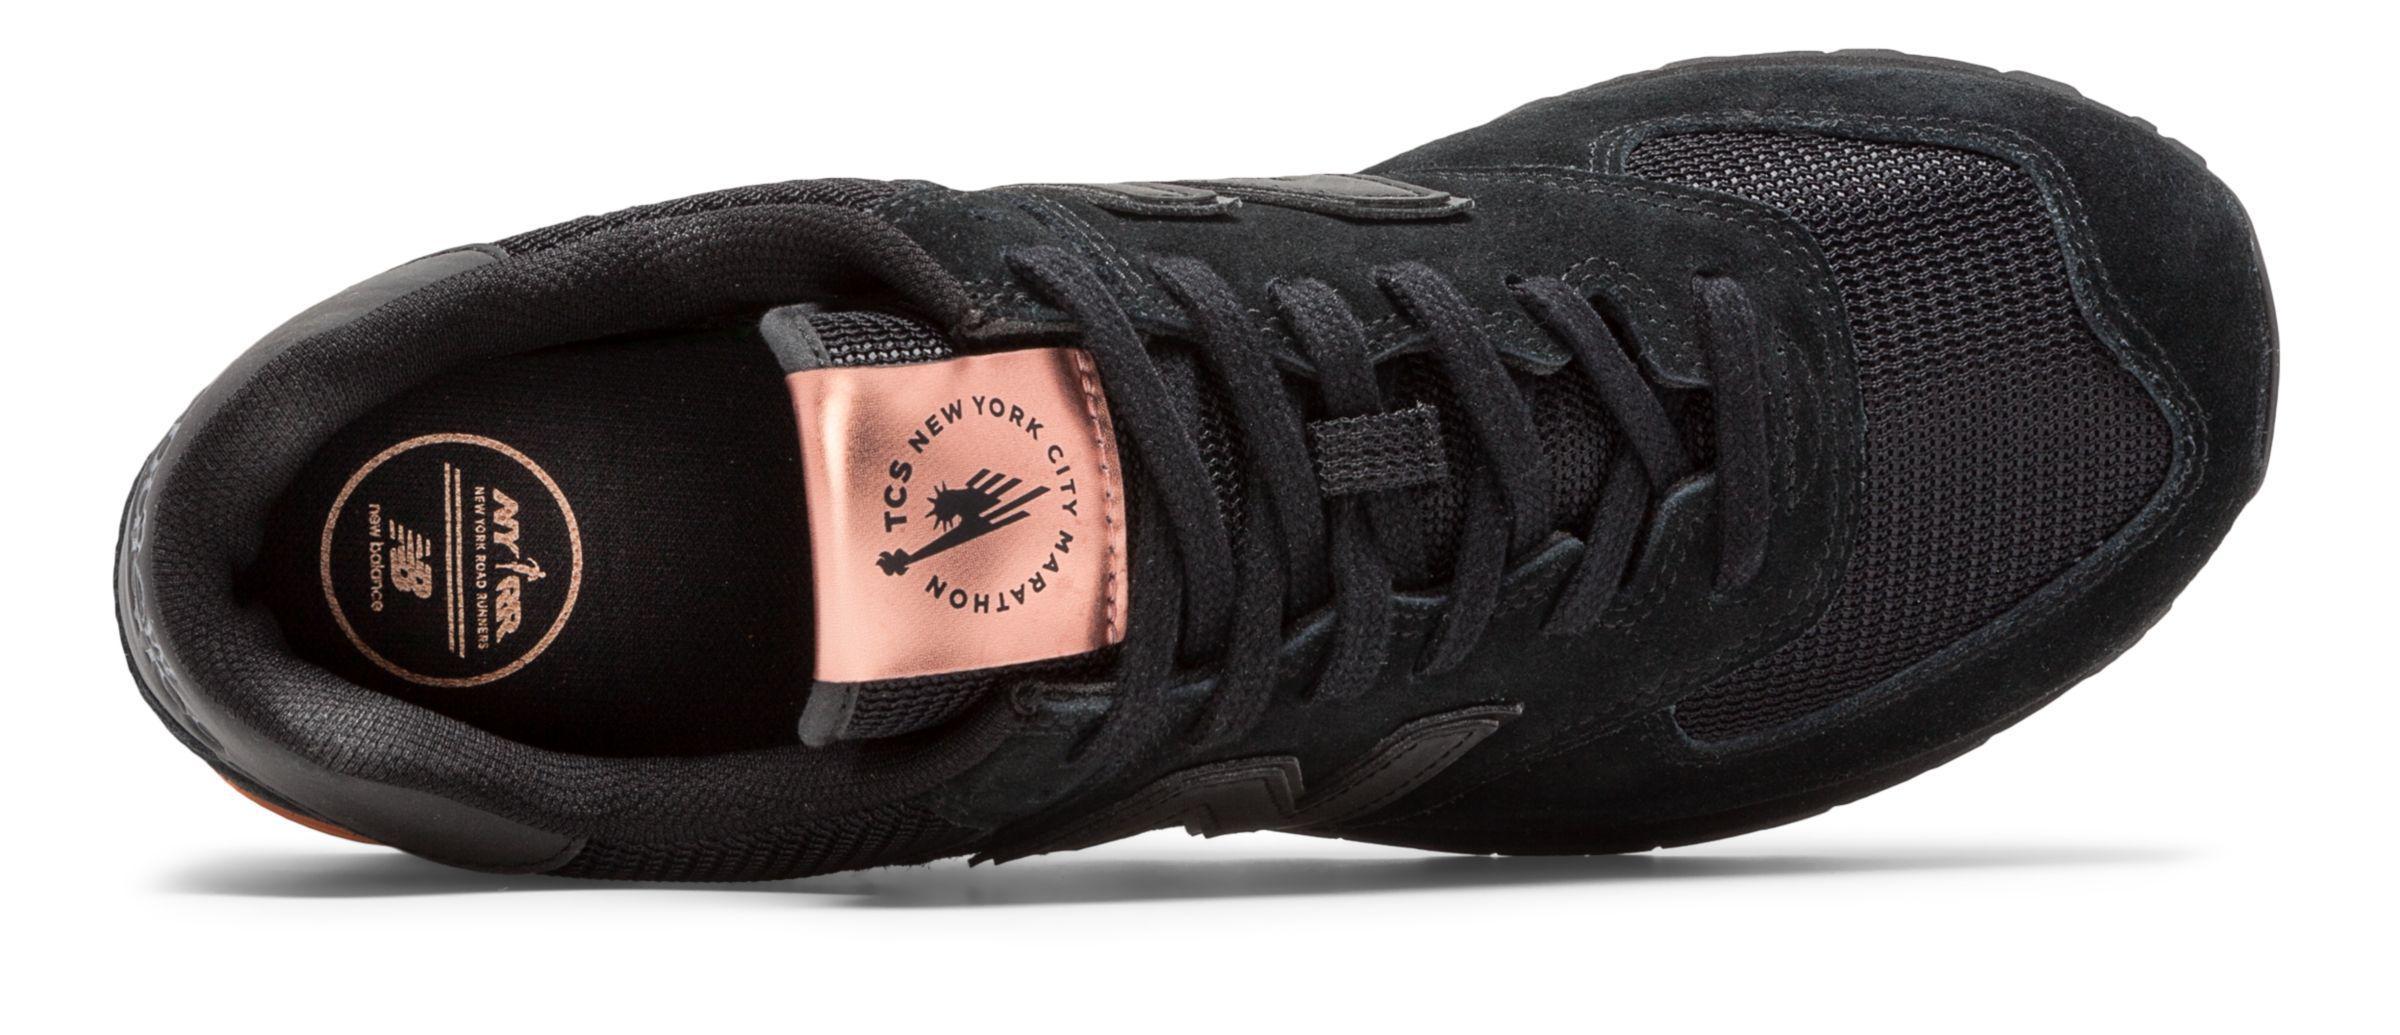 outlet verkoop laagste prijs nu kopen 574 Nyc Marathon Shoes